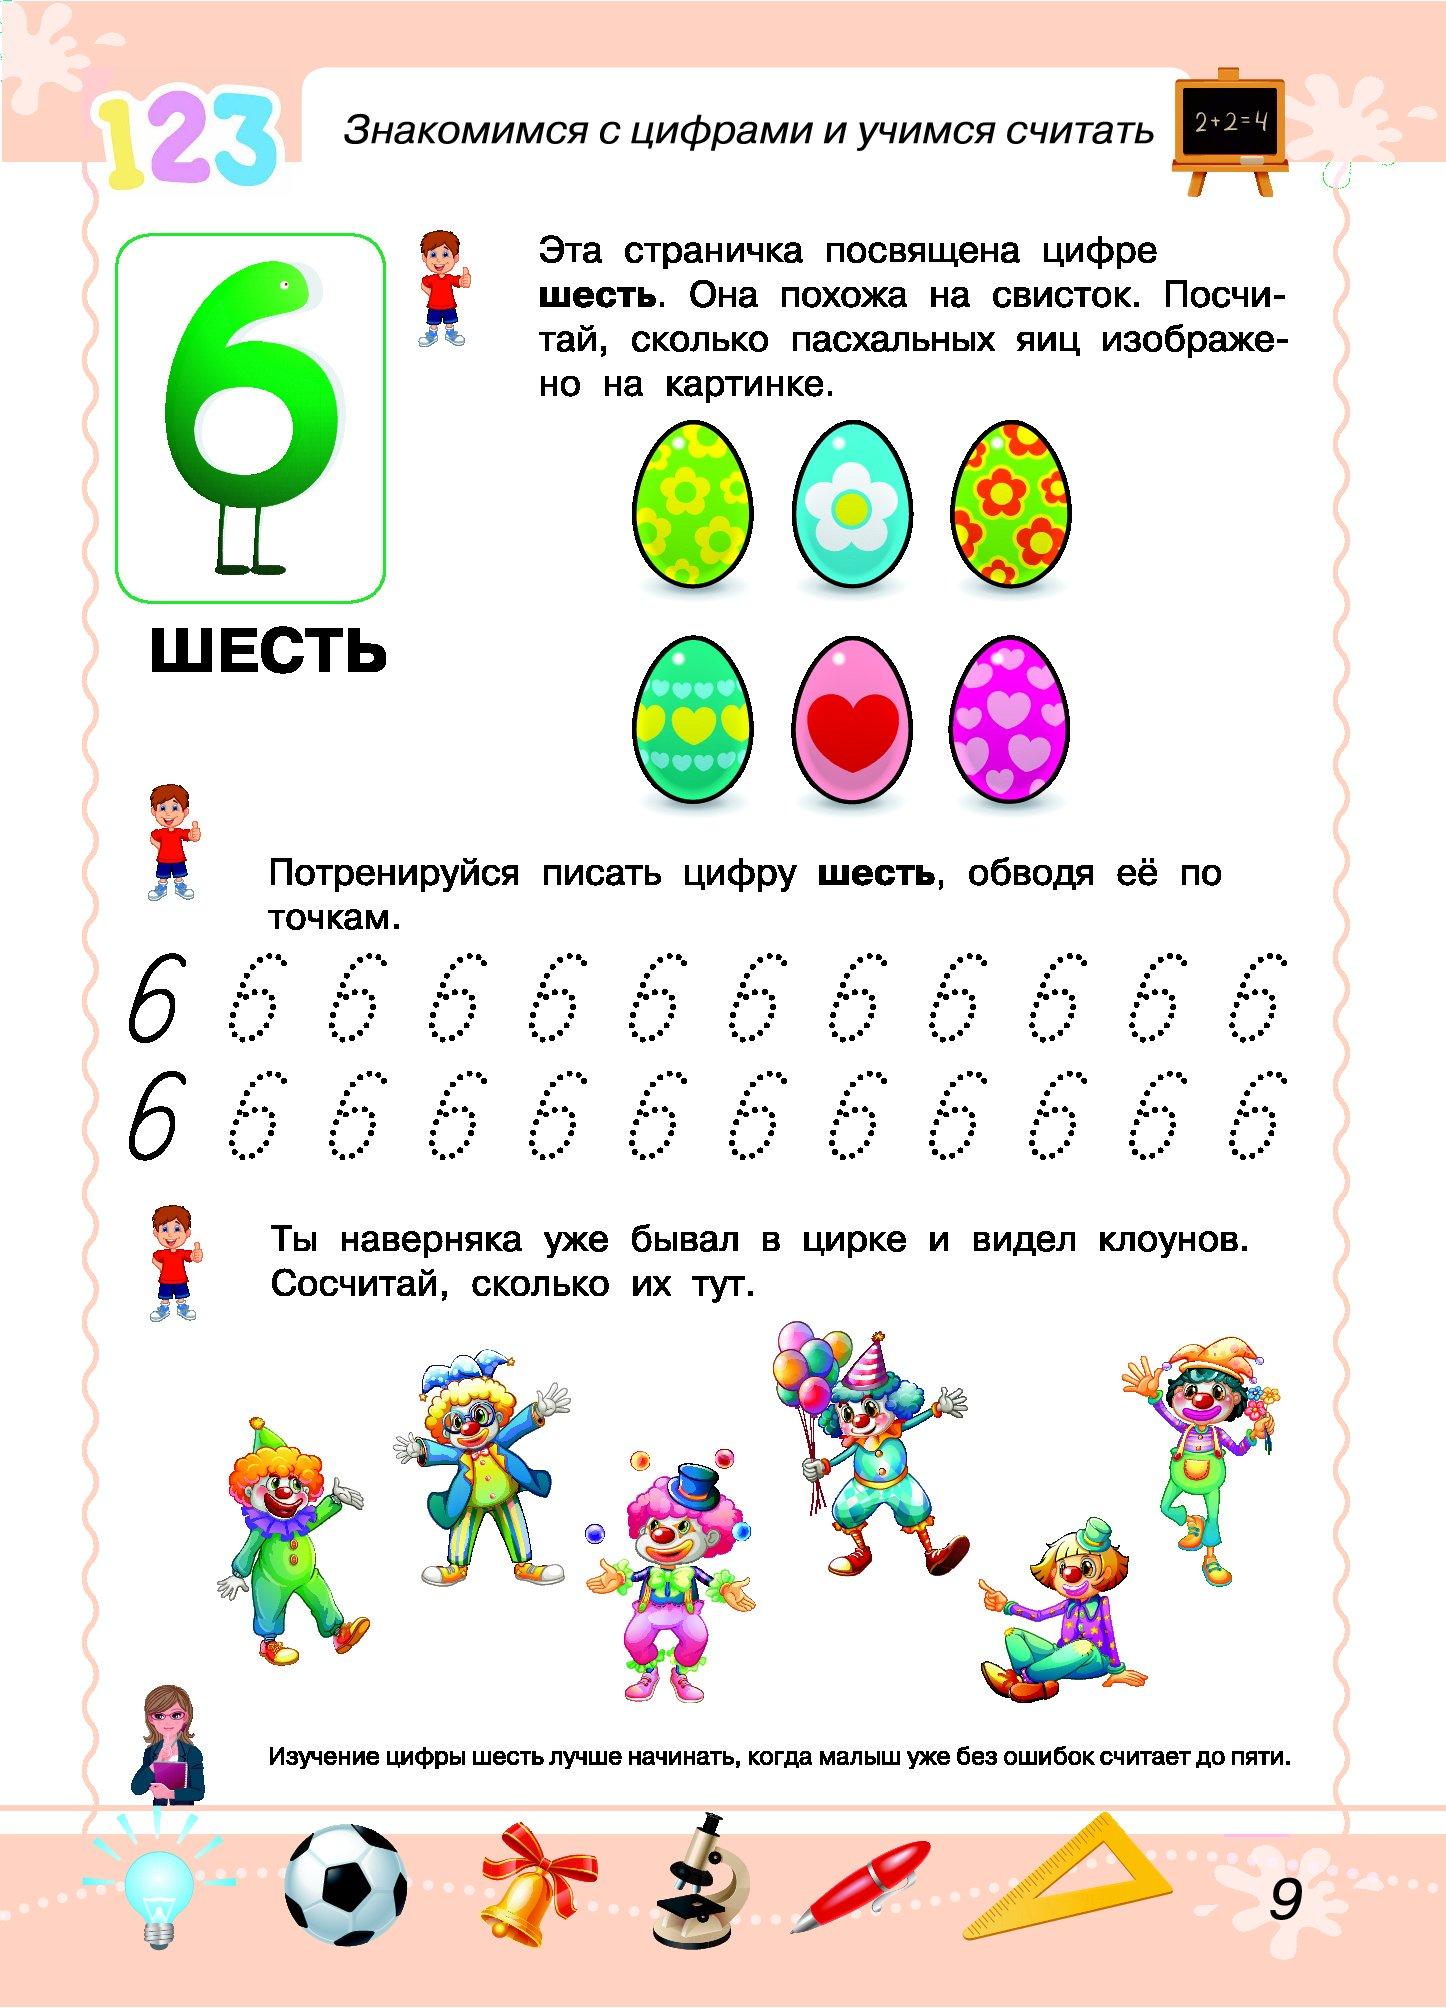 Знакомство С Цифрами. Цифра 6